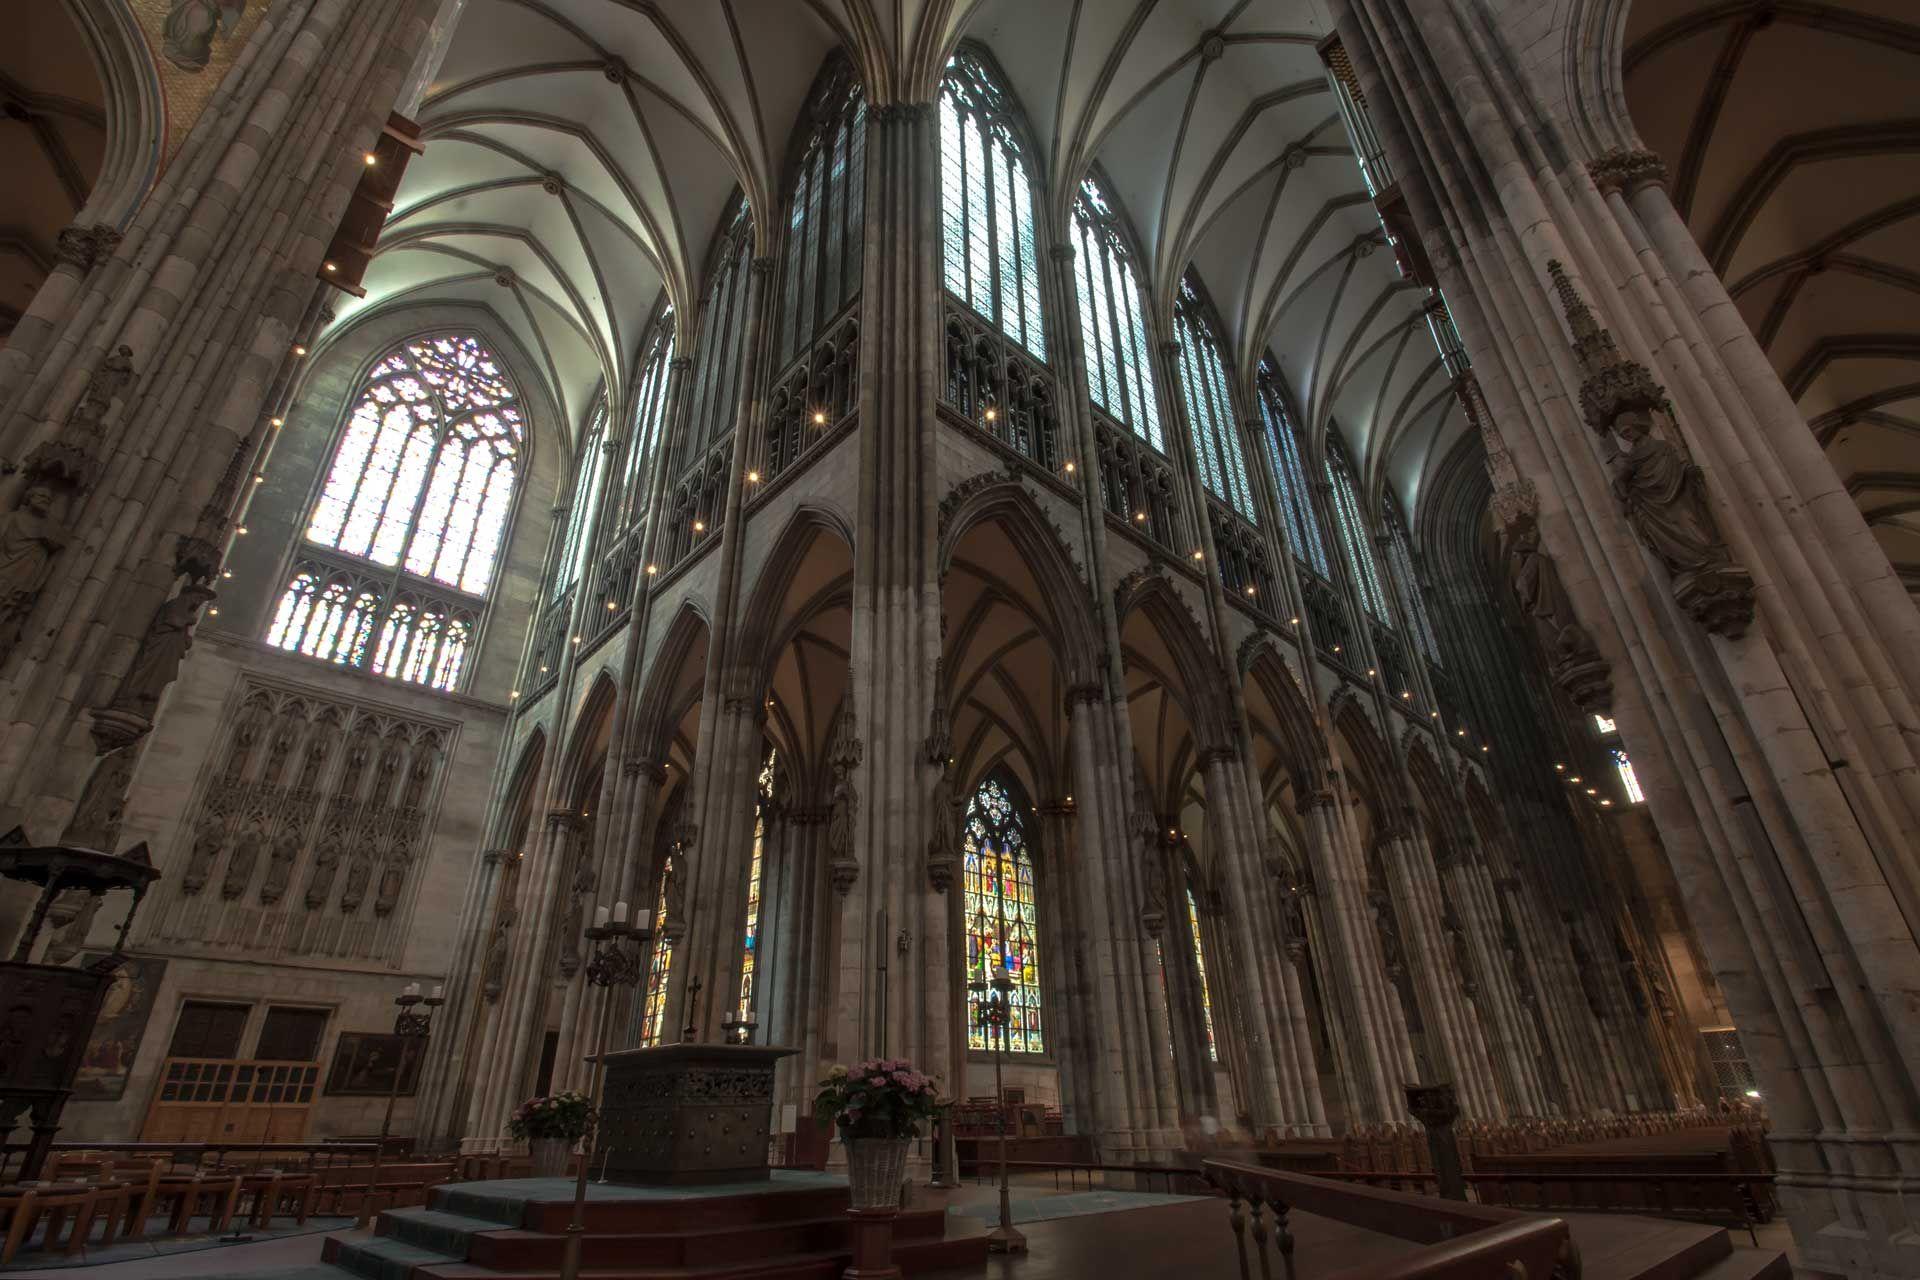 Wir Heissen Sie Ganz Herzlich Auf Der Homepage Des Kolner Domes Willkommen Wir Laden Sie Ein Sich Zu Informieren Und Auf Ent Cologne Germany Cathedral Germany